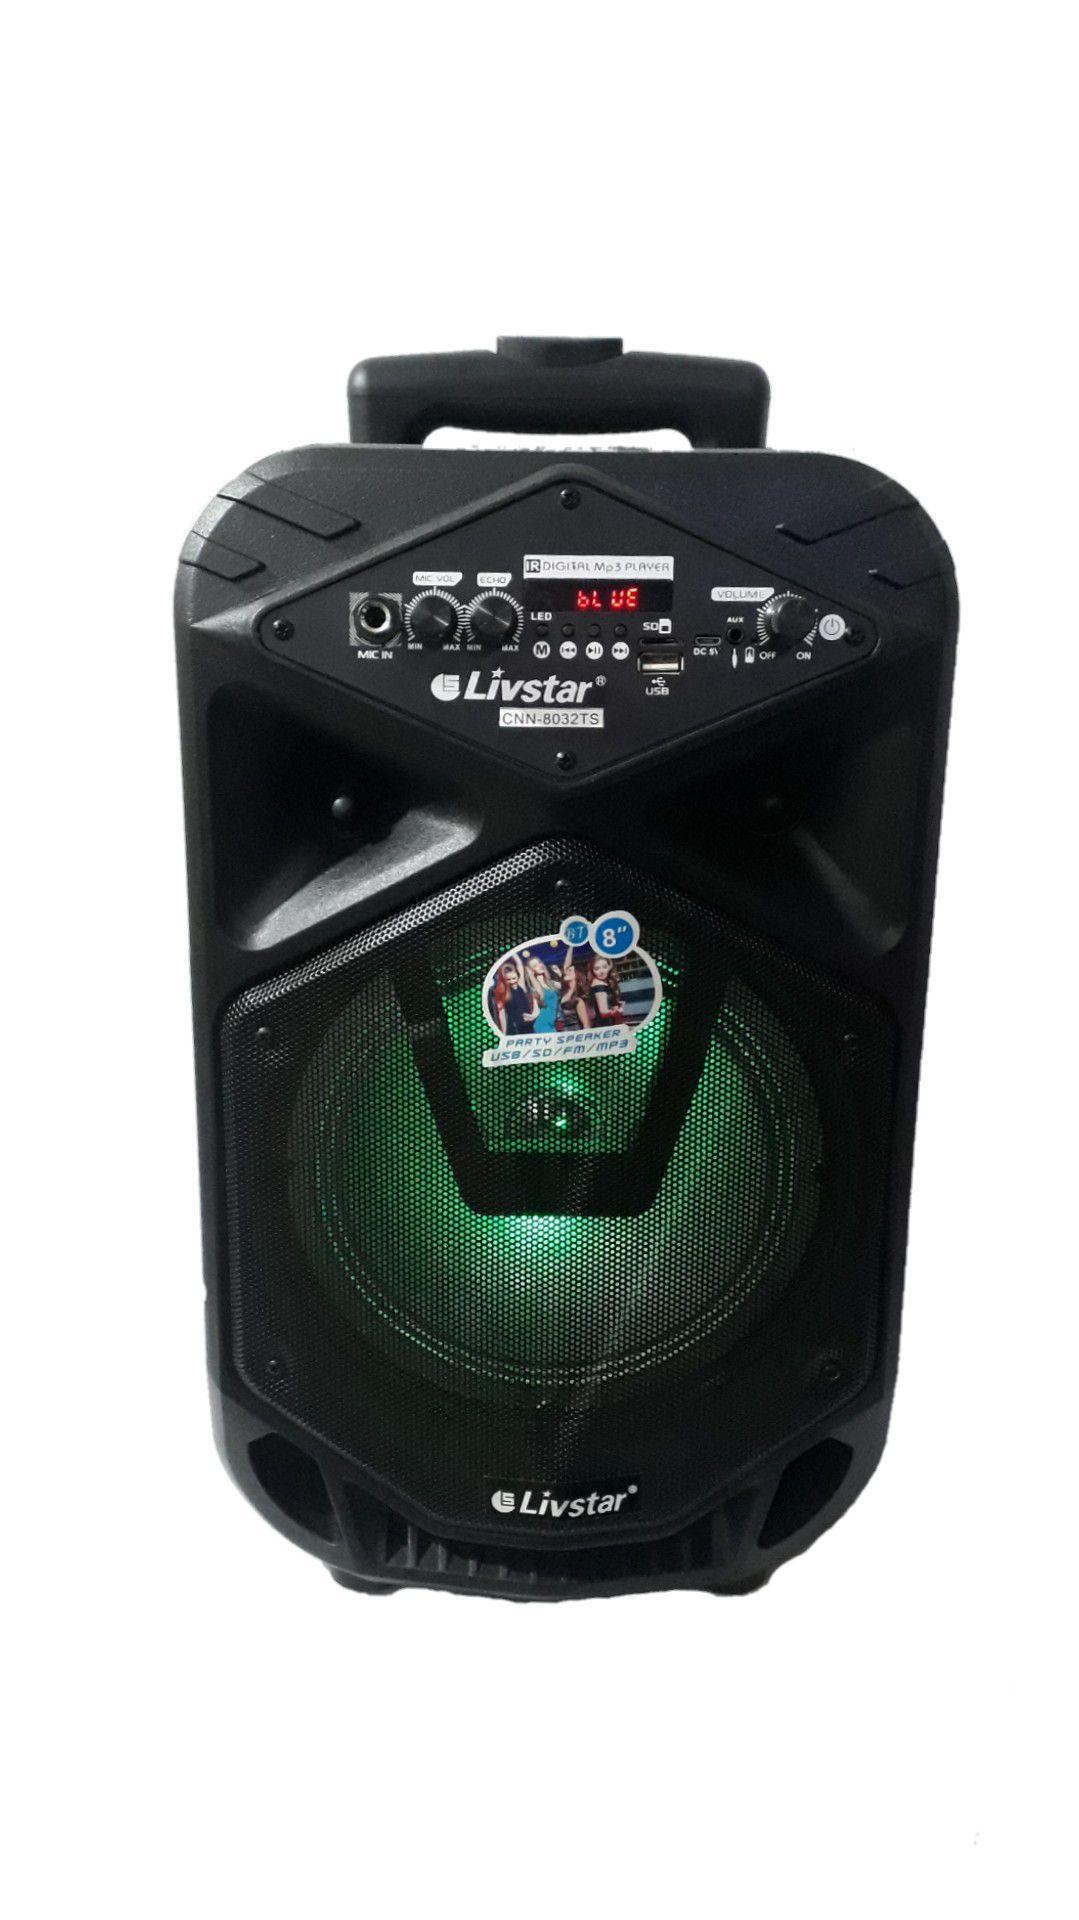 Caixa Amplificada Livstar Cnn8032ts Fal8 Usb/sd/fm Aux P10 Display Bat Recar